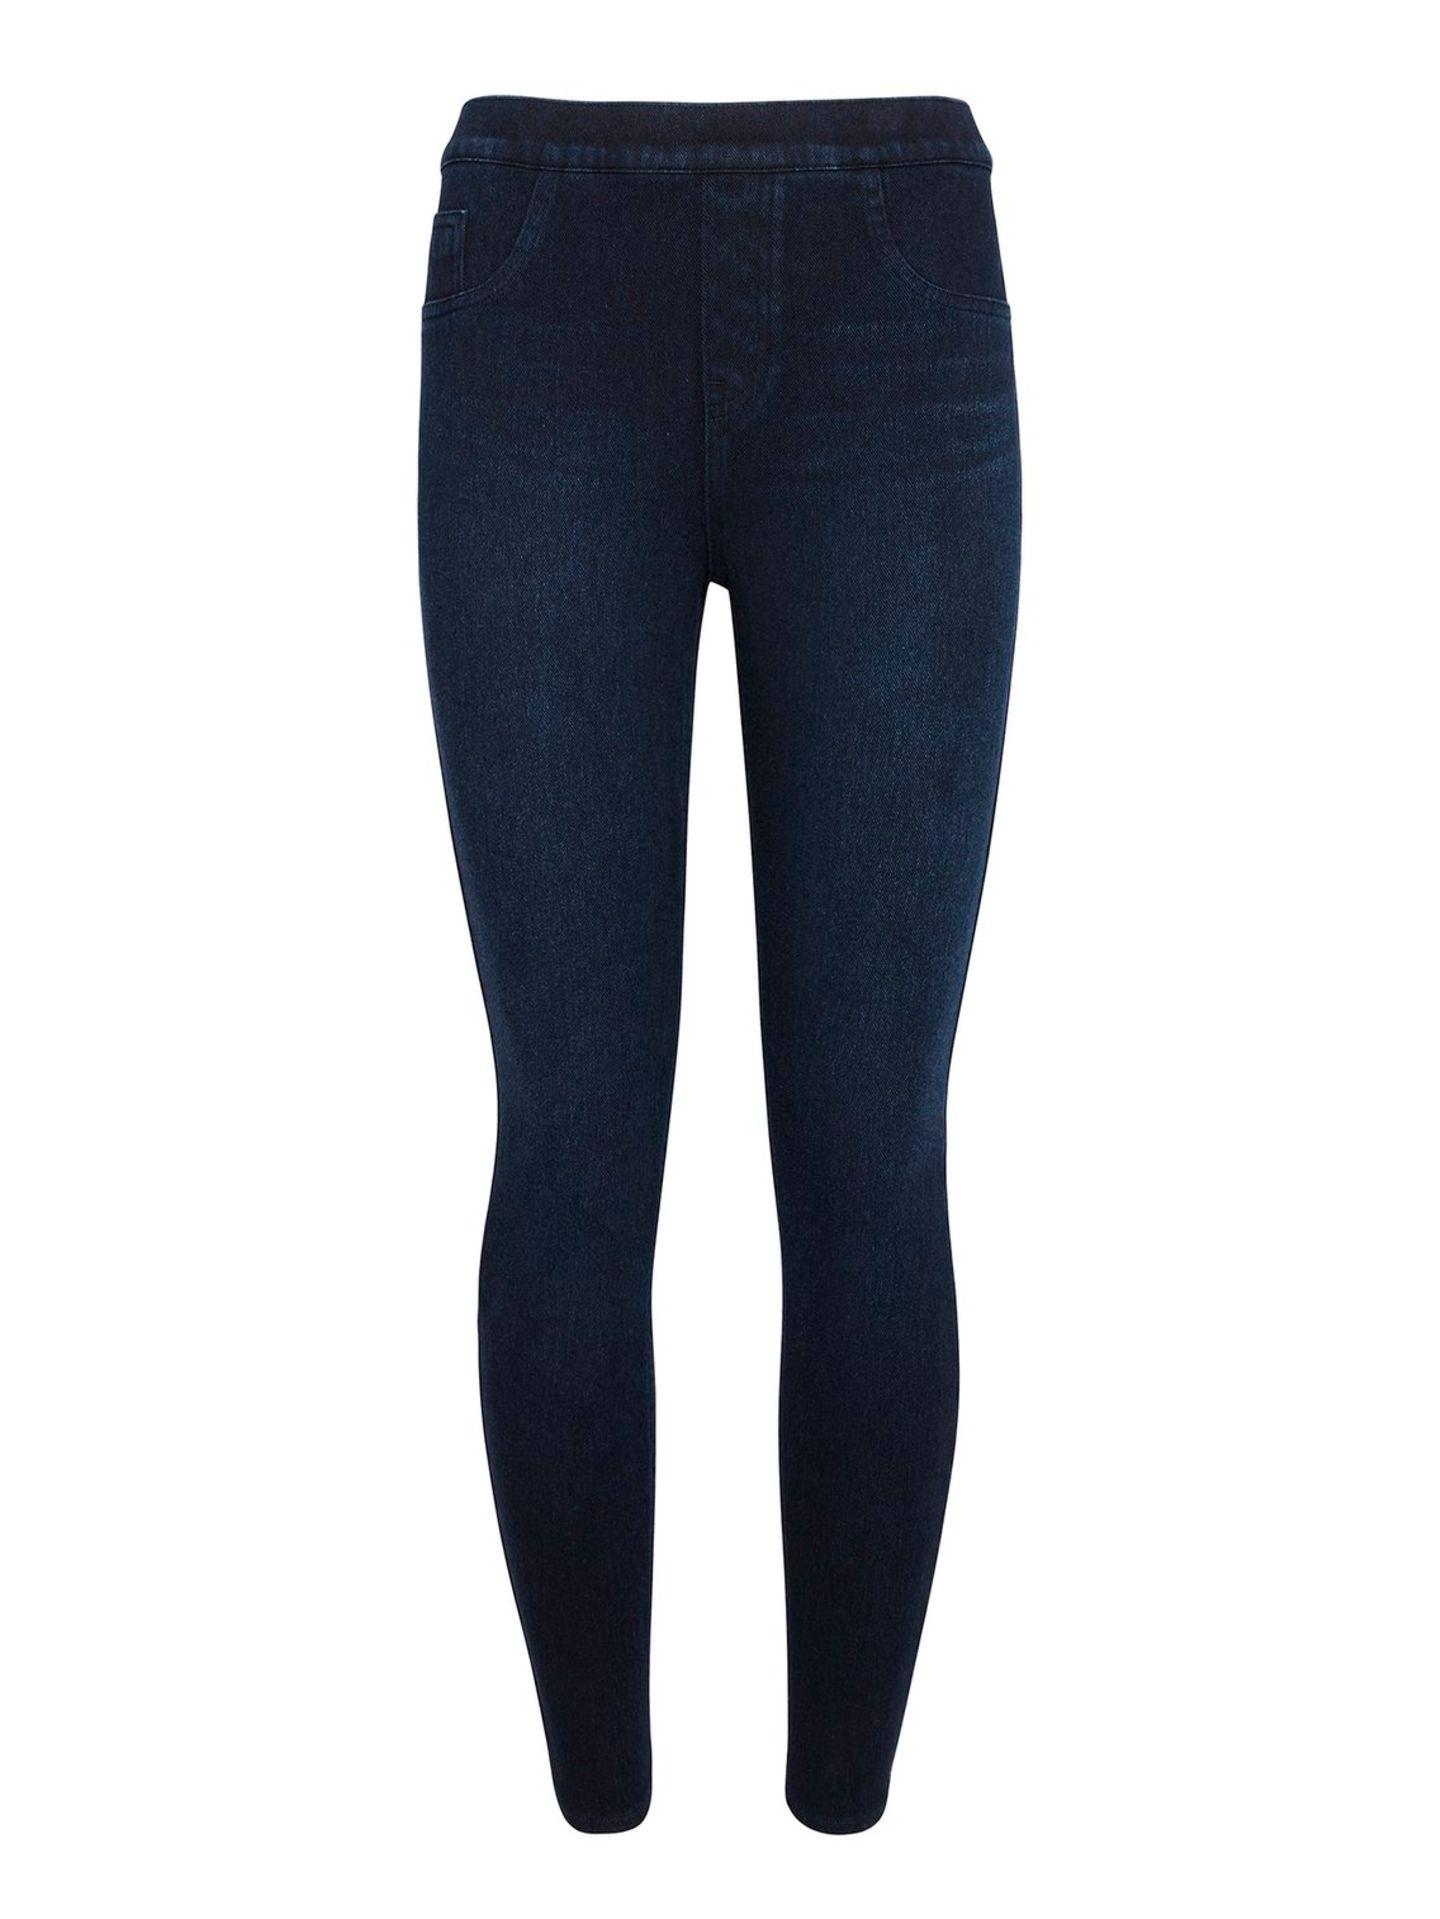 Huch, Leggins von Spanx? Jaa! Die bekannteste Shapewearmarke auf dem Markt liefert neben klassischen ihren Produkten nun auch Leggings mit extra viel Shaping-Effekt. Die neuen Leggings-Typen gibt es in verschiedenen Optiken, wie Leder und Jeans und sorgen für extra viel Komfort im Alltag. Ca. 150 Euro.